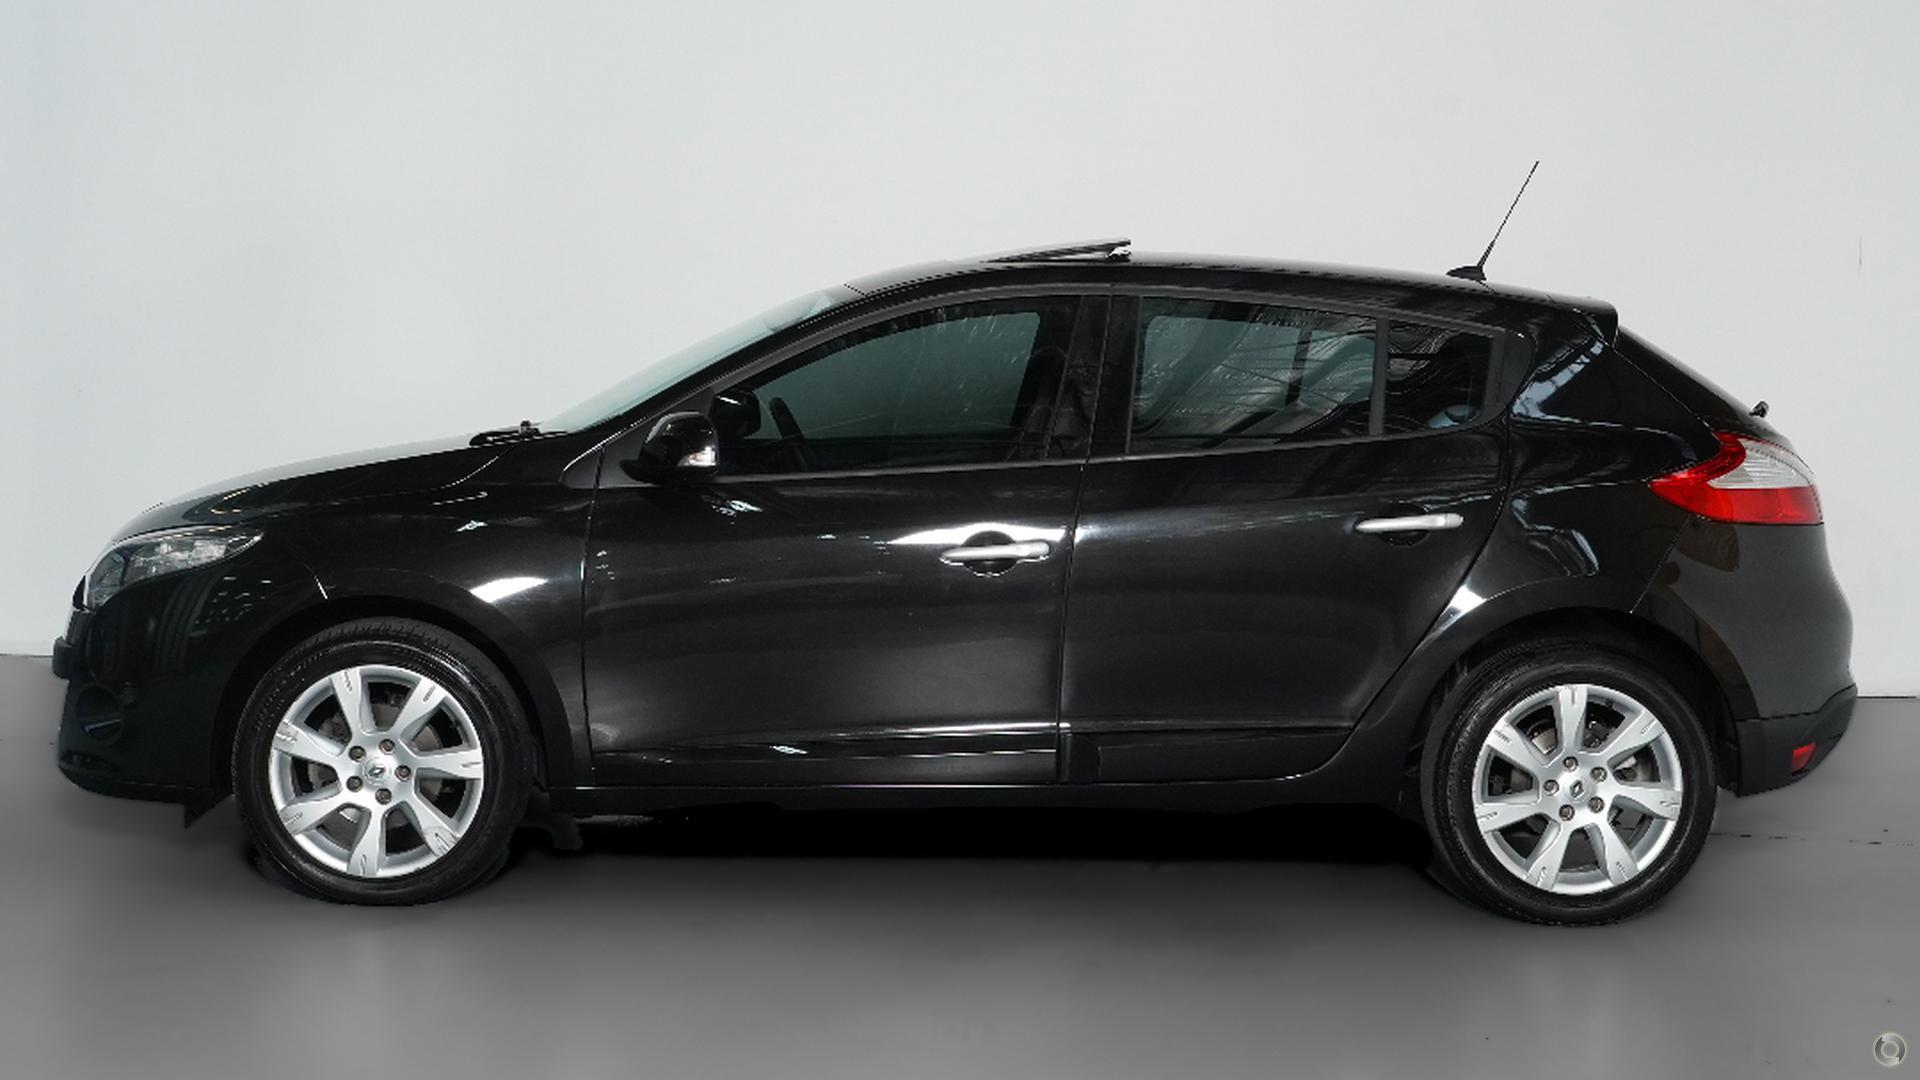 2012 Renault Megane Privilege III B32